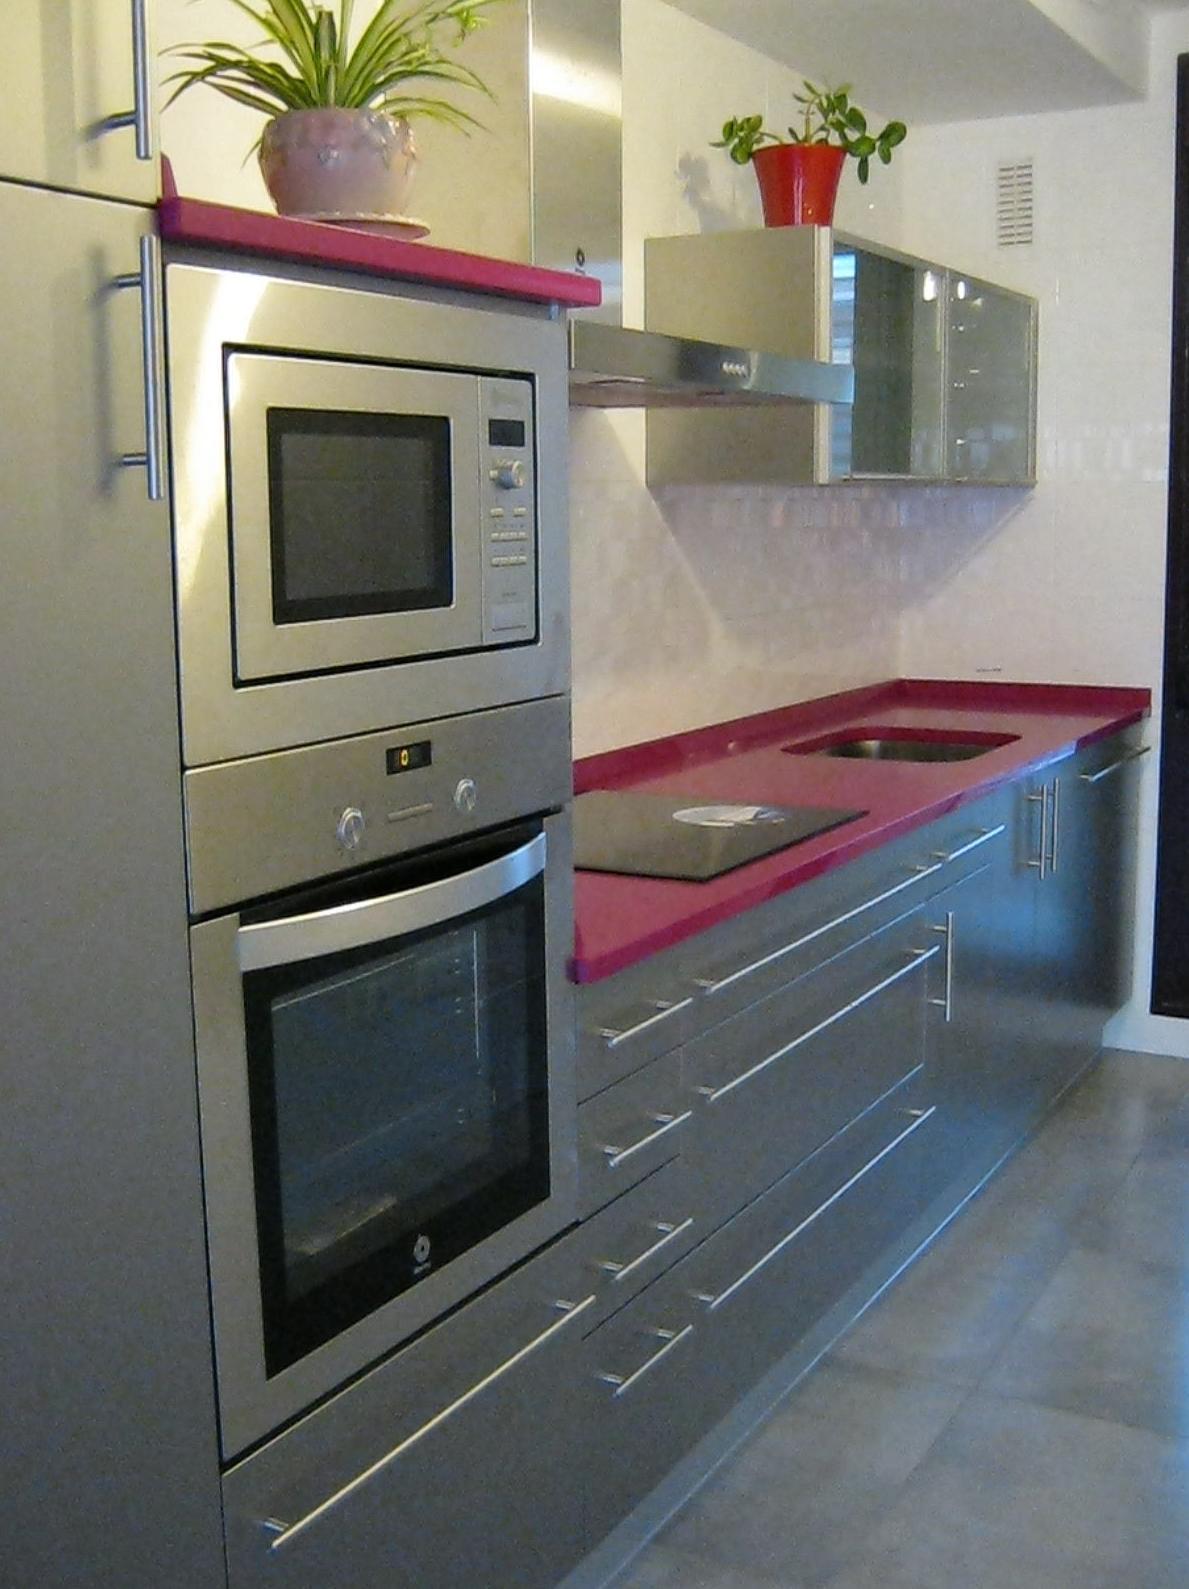 Foto 26 de Muebles de baño y cocina en Zaragoza | Decocina